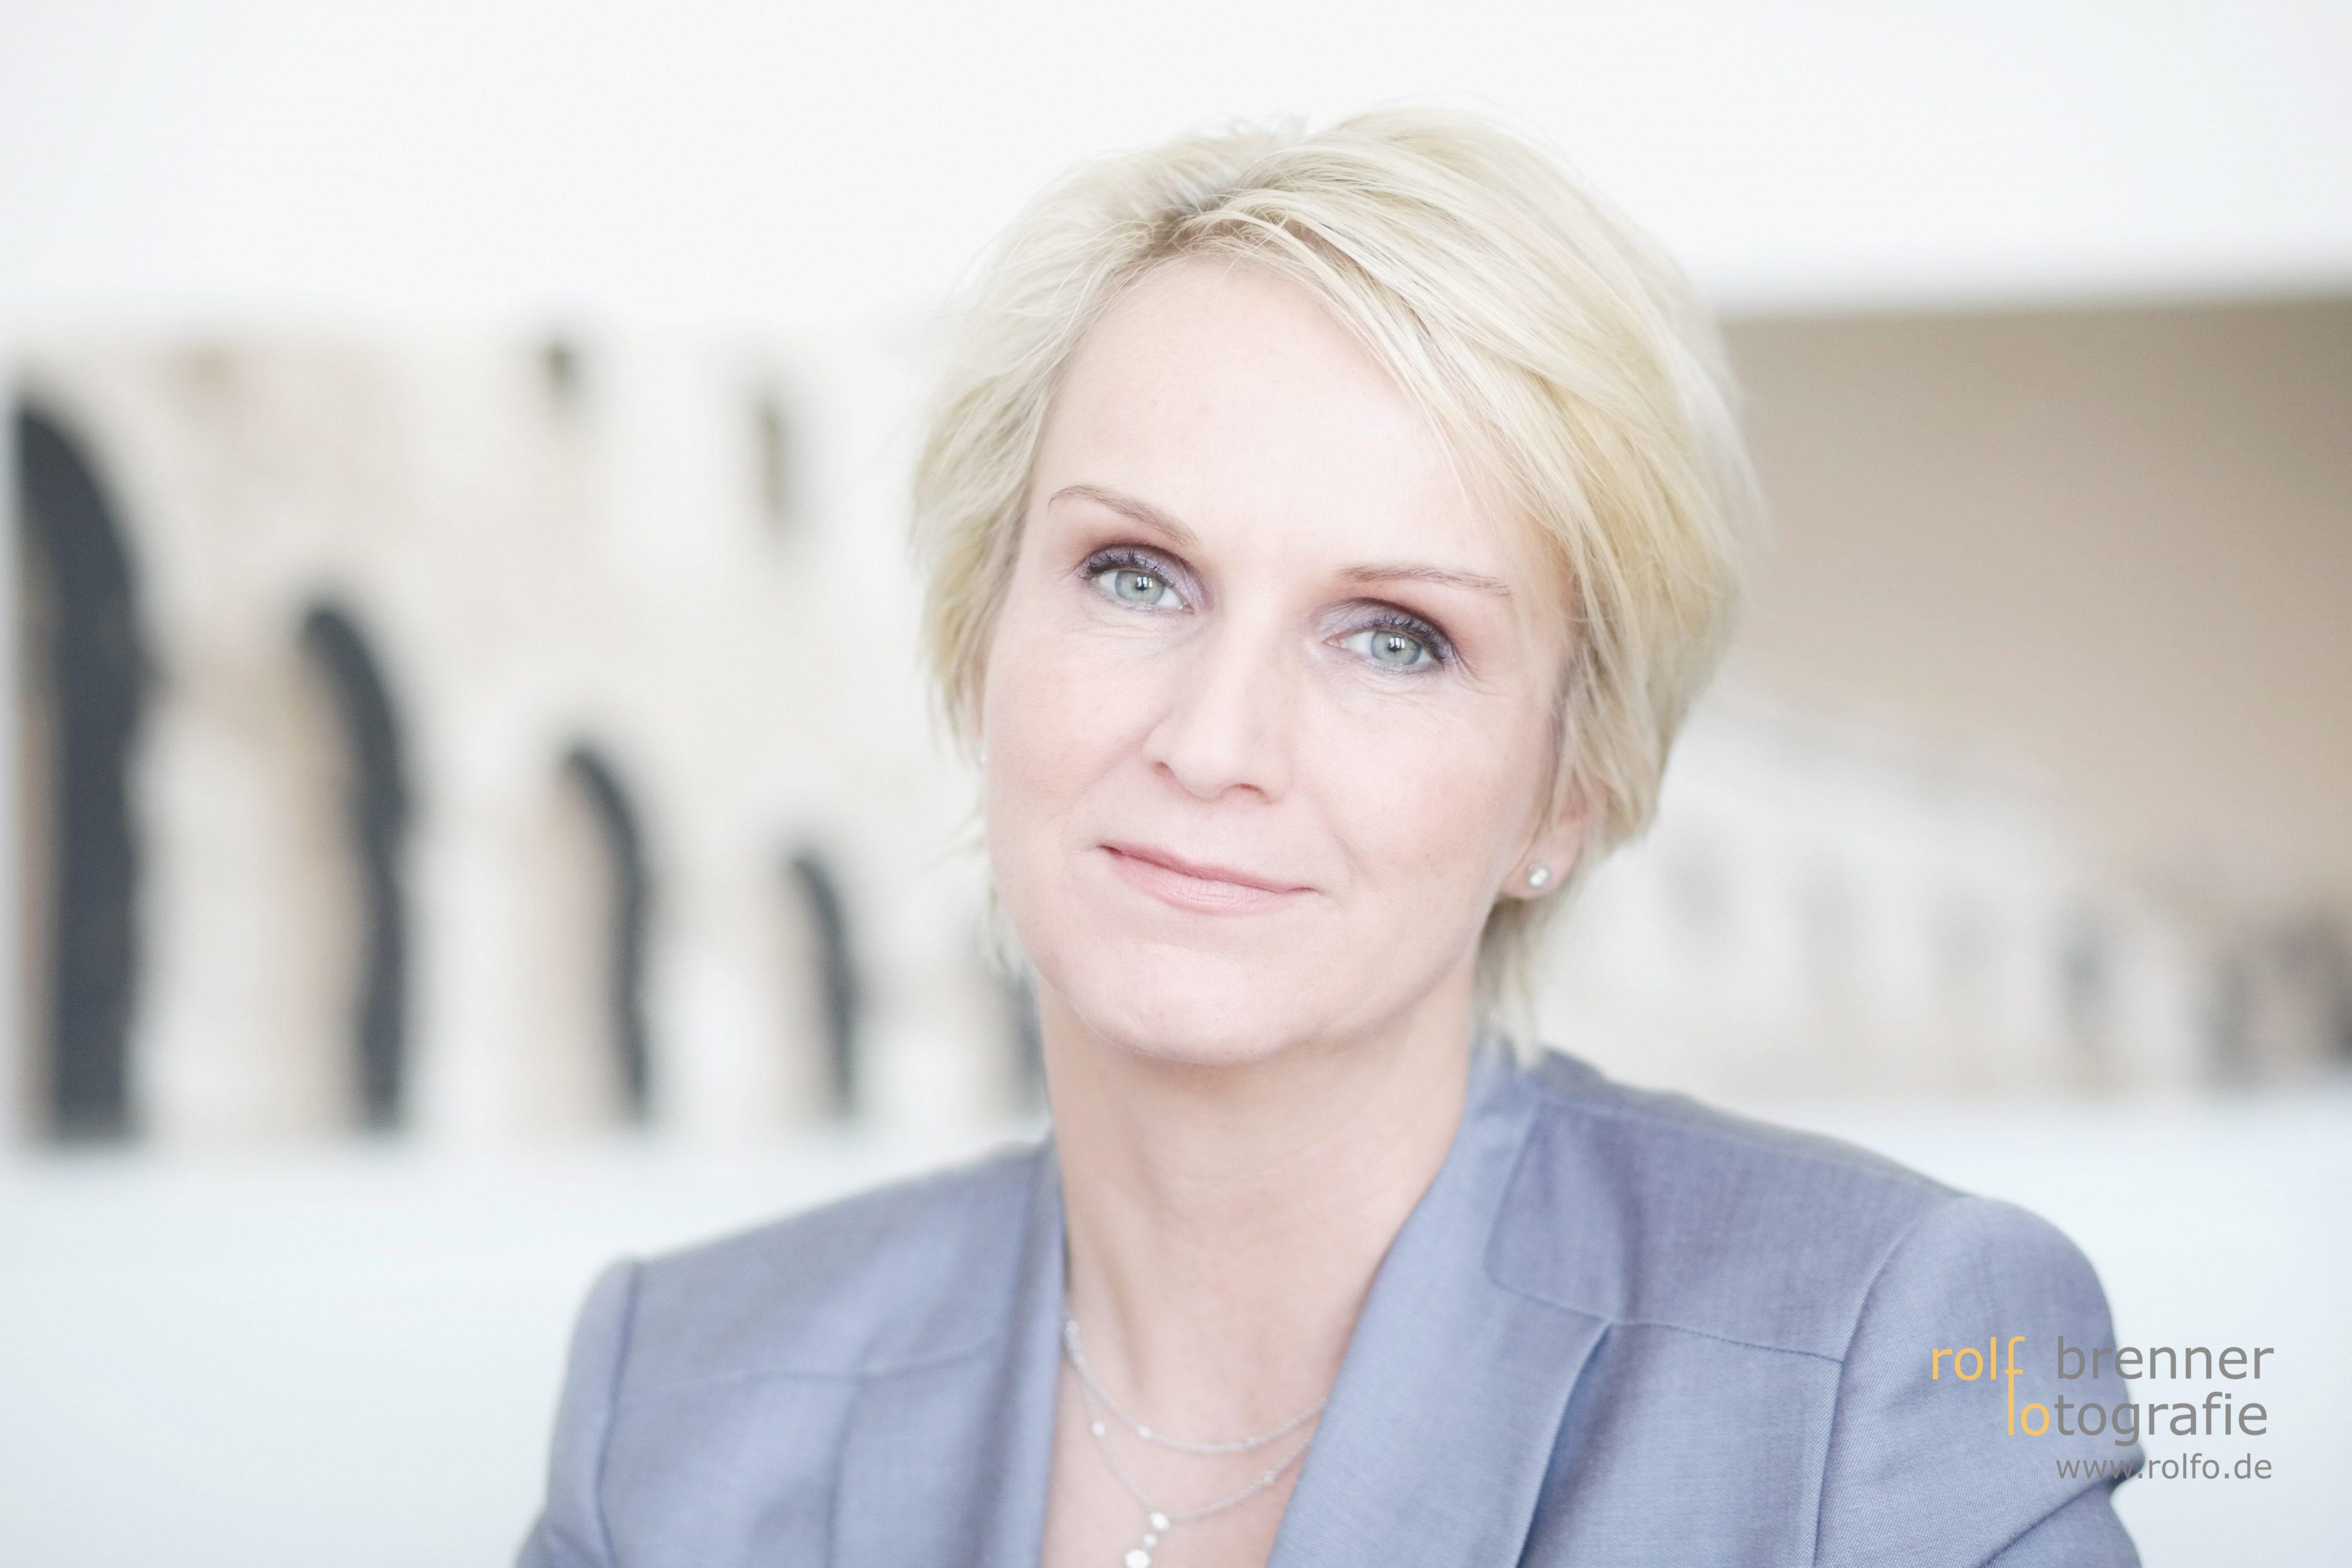 CEO Business Portrait